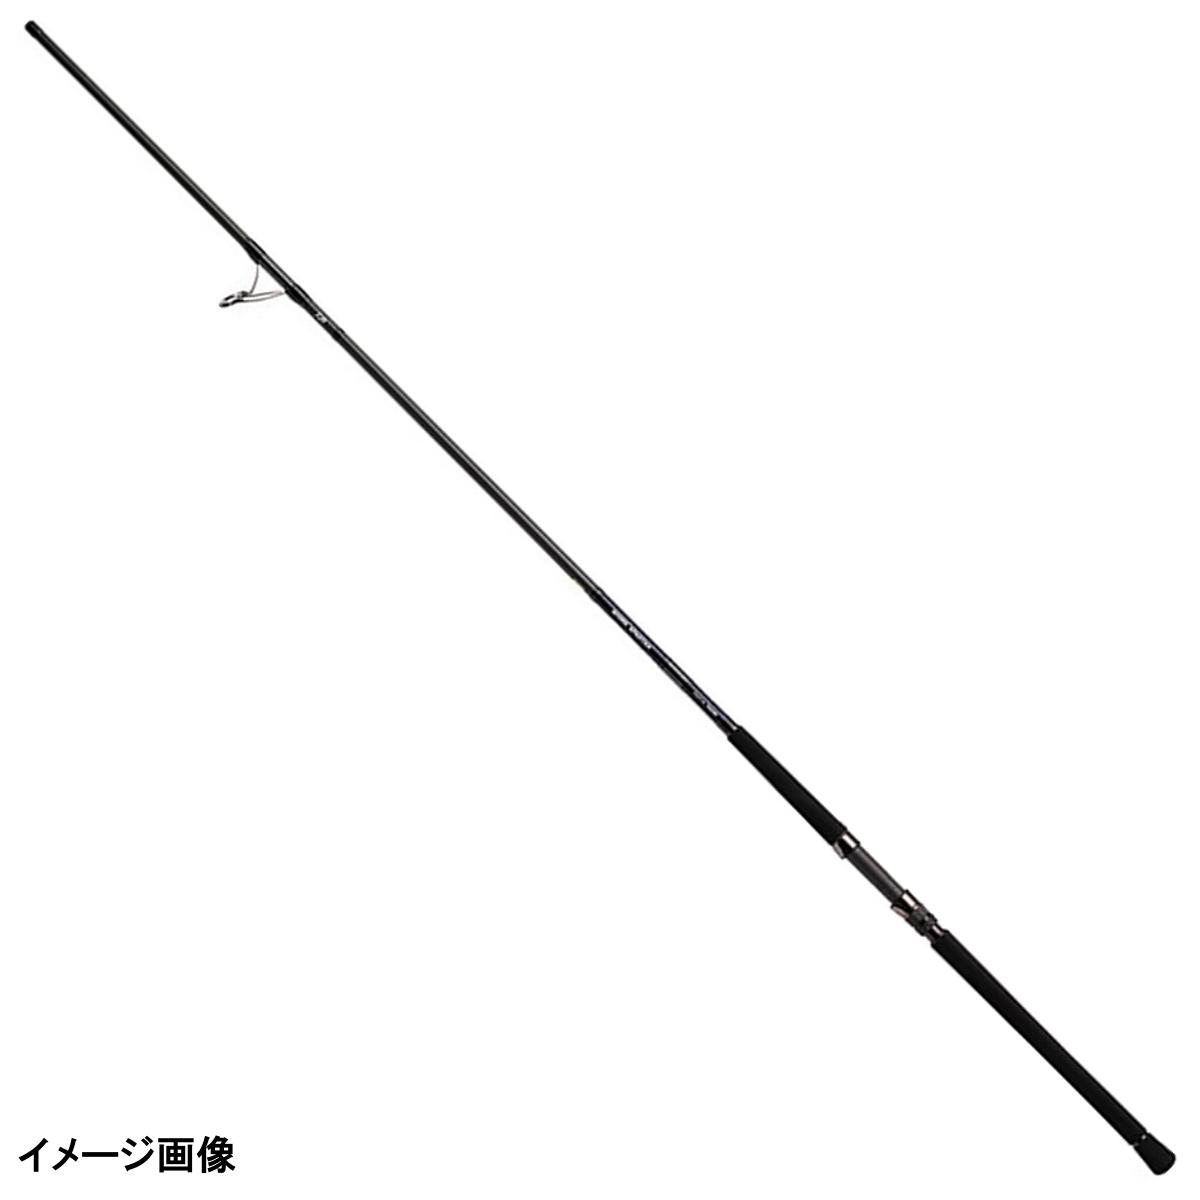 ダイワ ショアスパルタン コースタル 96HH【大型商品】